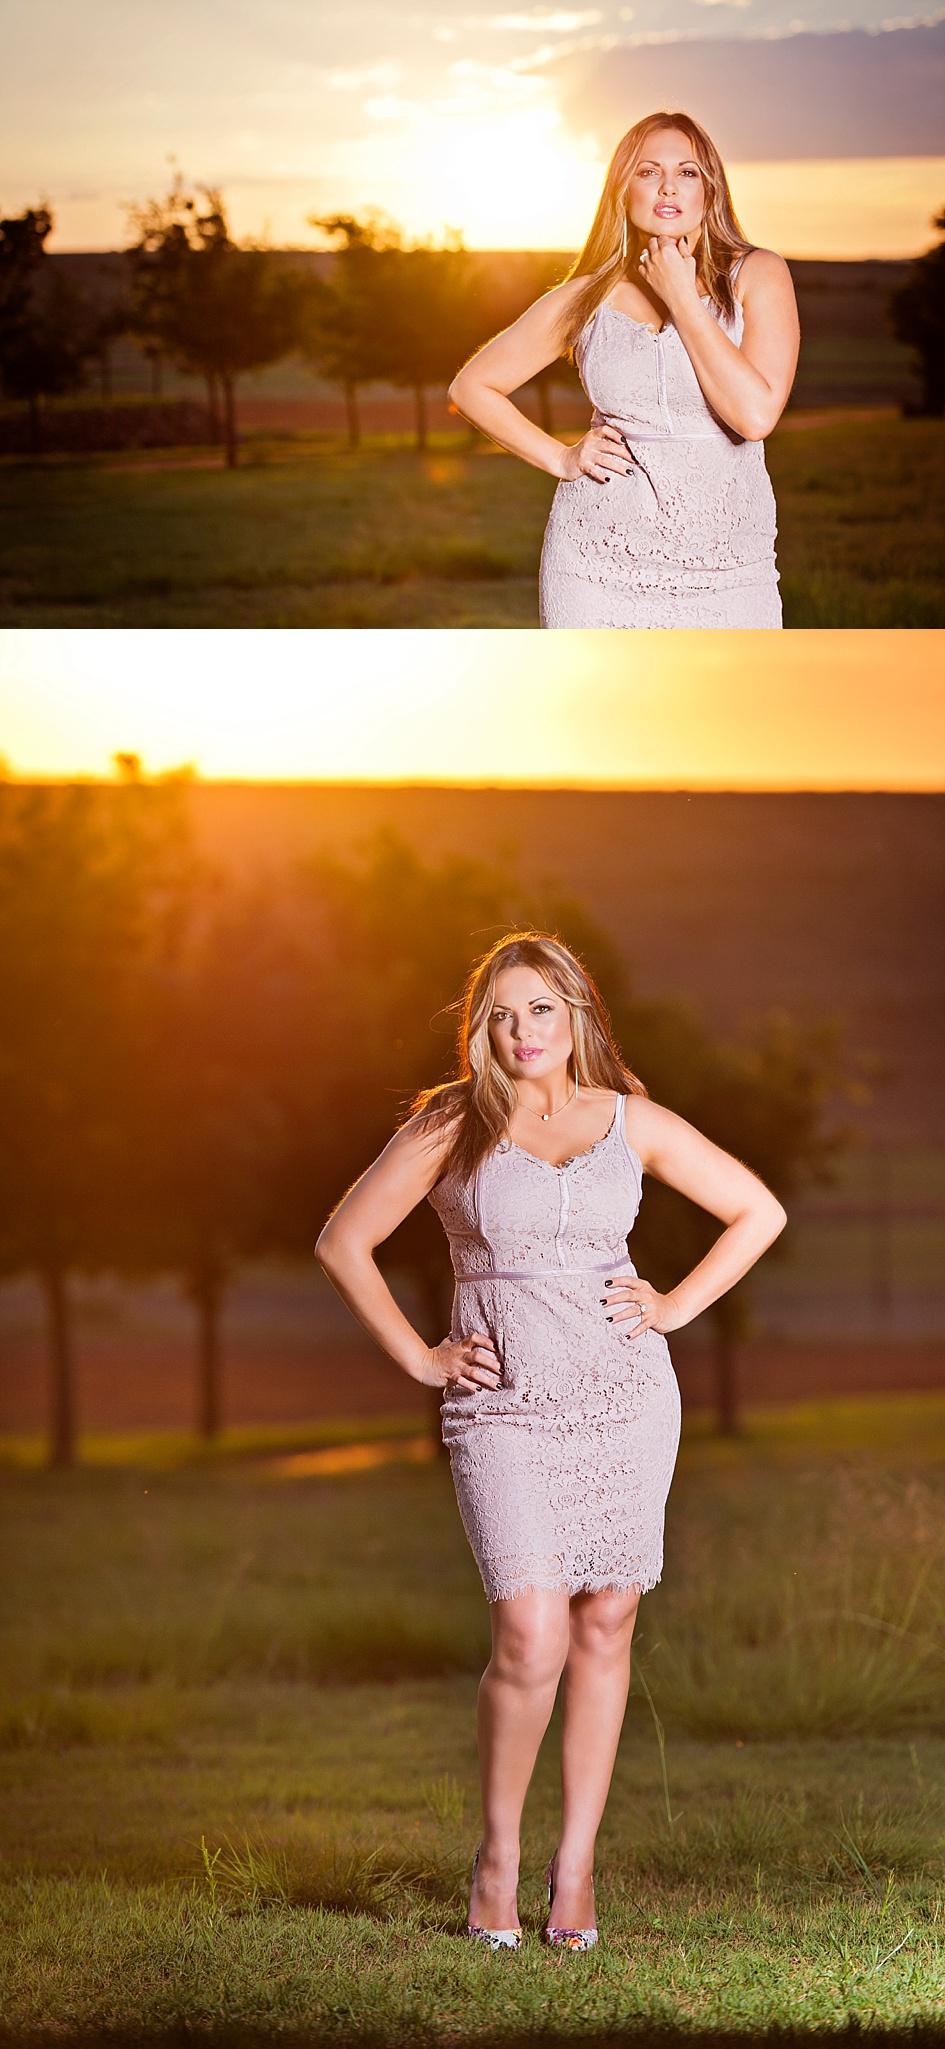 golden-glow-sunset-farm-shoot.jpg